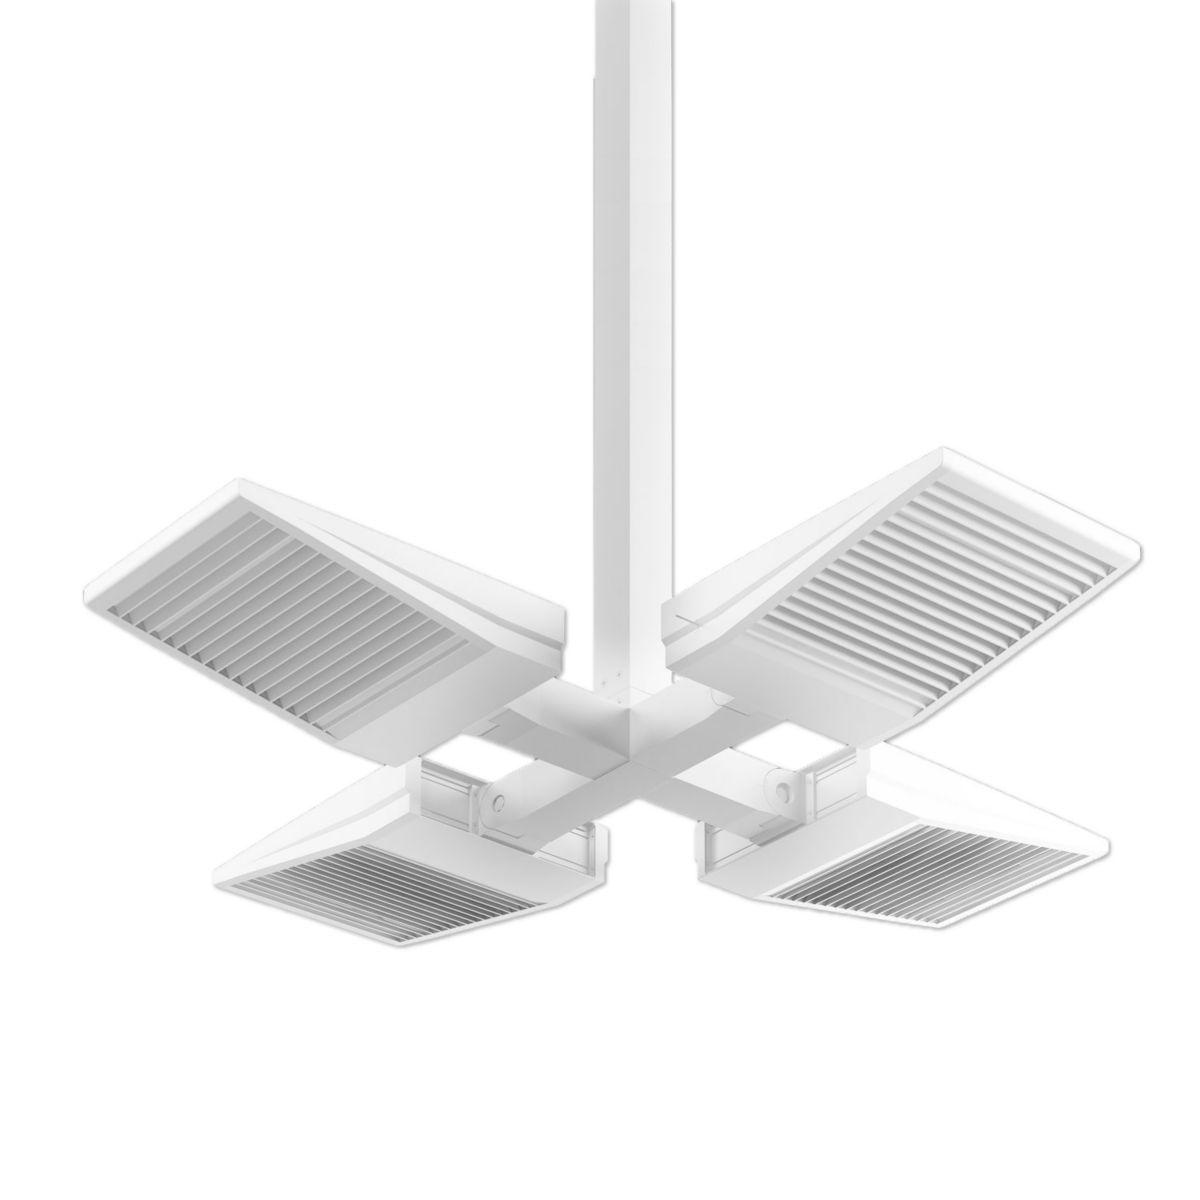 ASYX 2 LED Asymmetric Floodlight - Quad Pendant